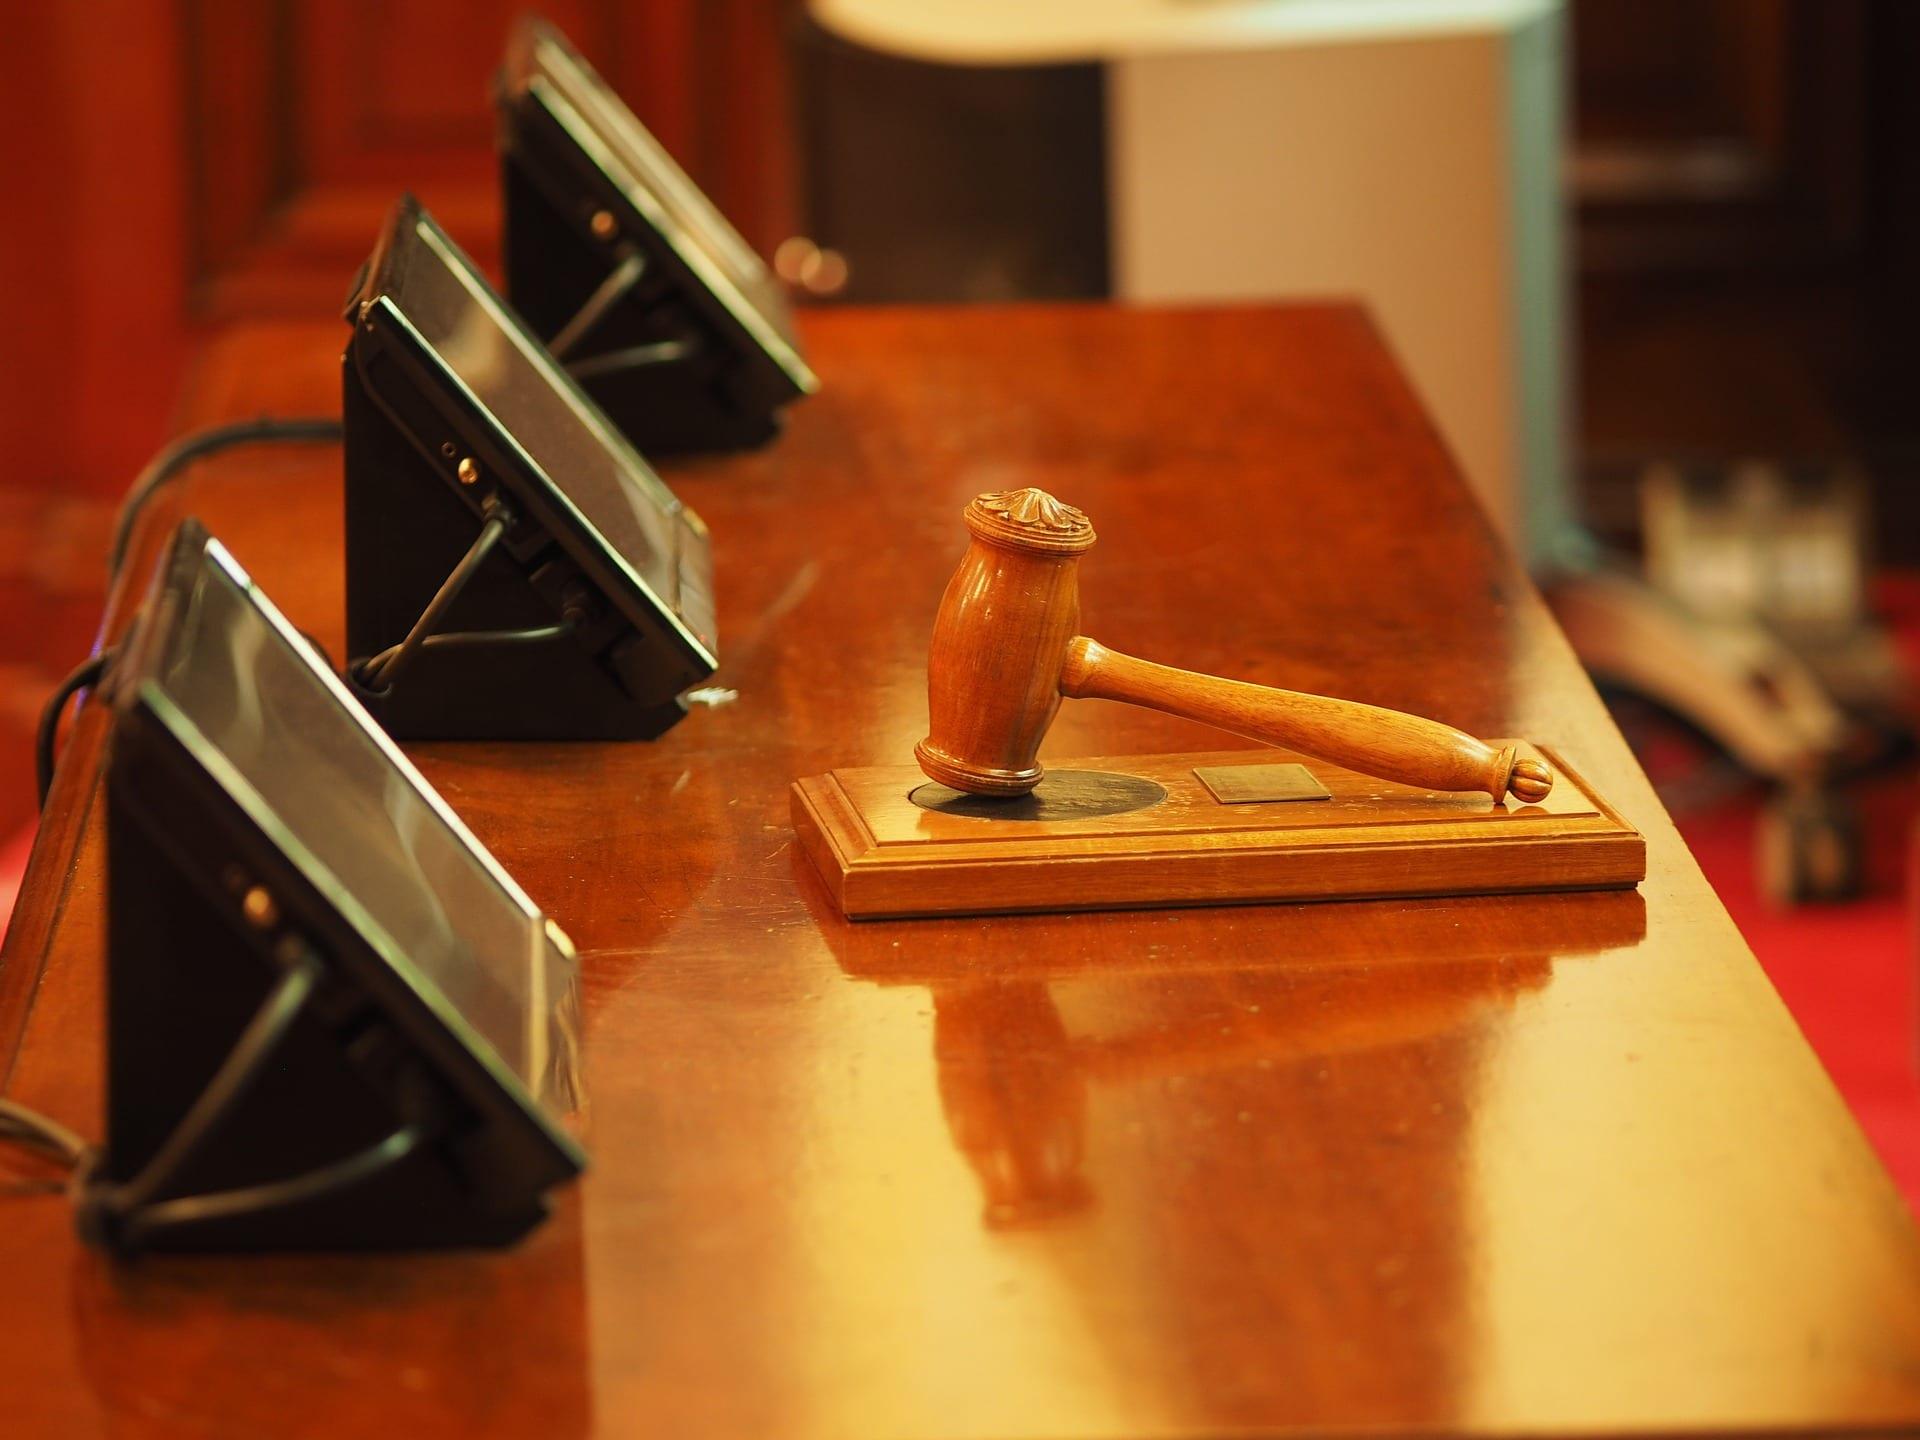 Acheter un bien immobilier lors d'une enchère judiciaire